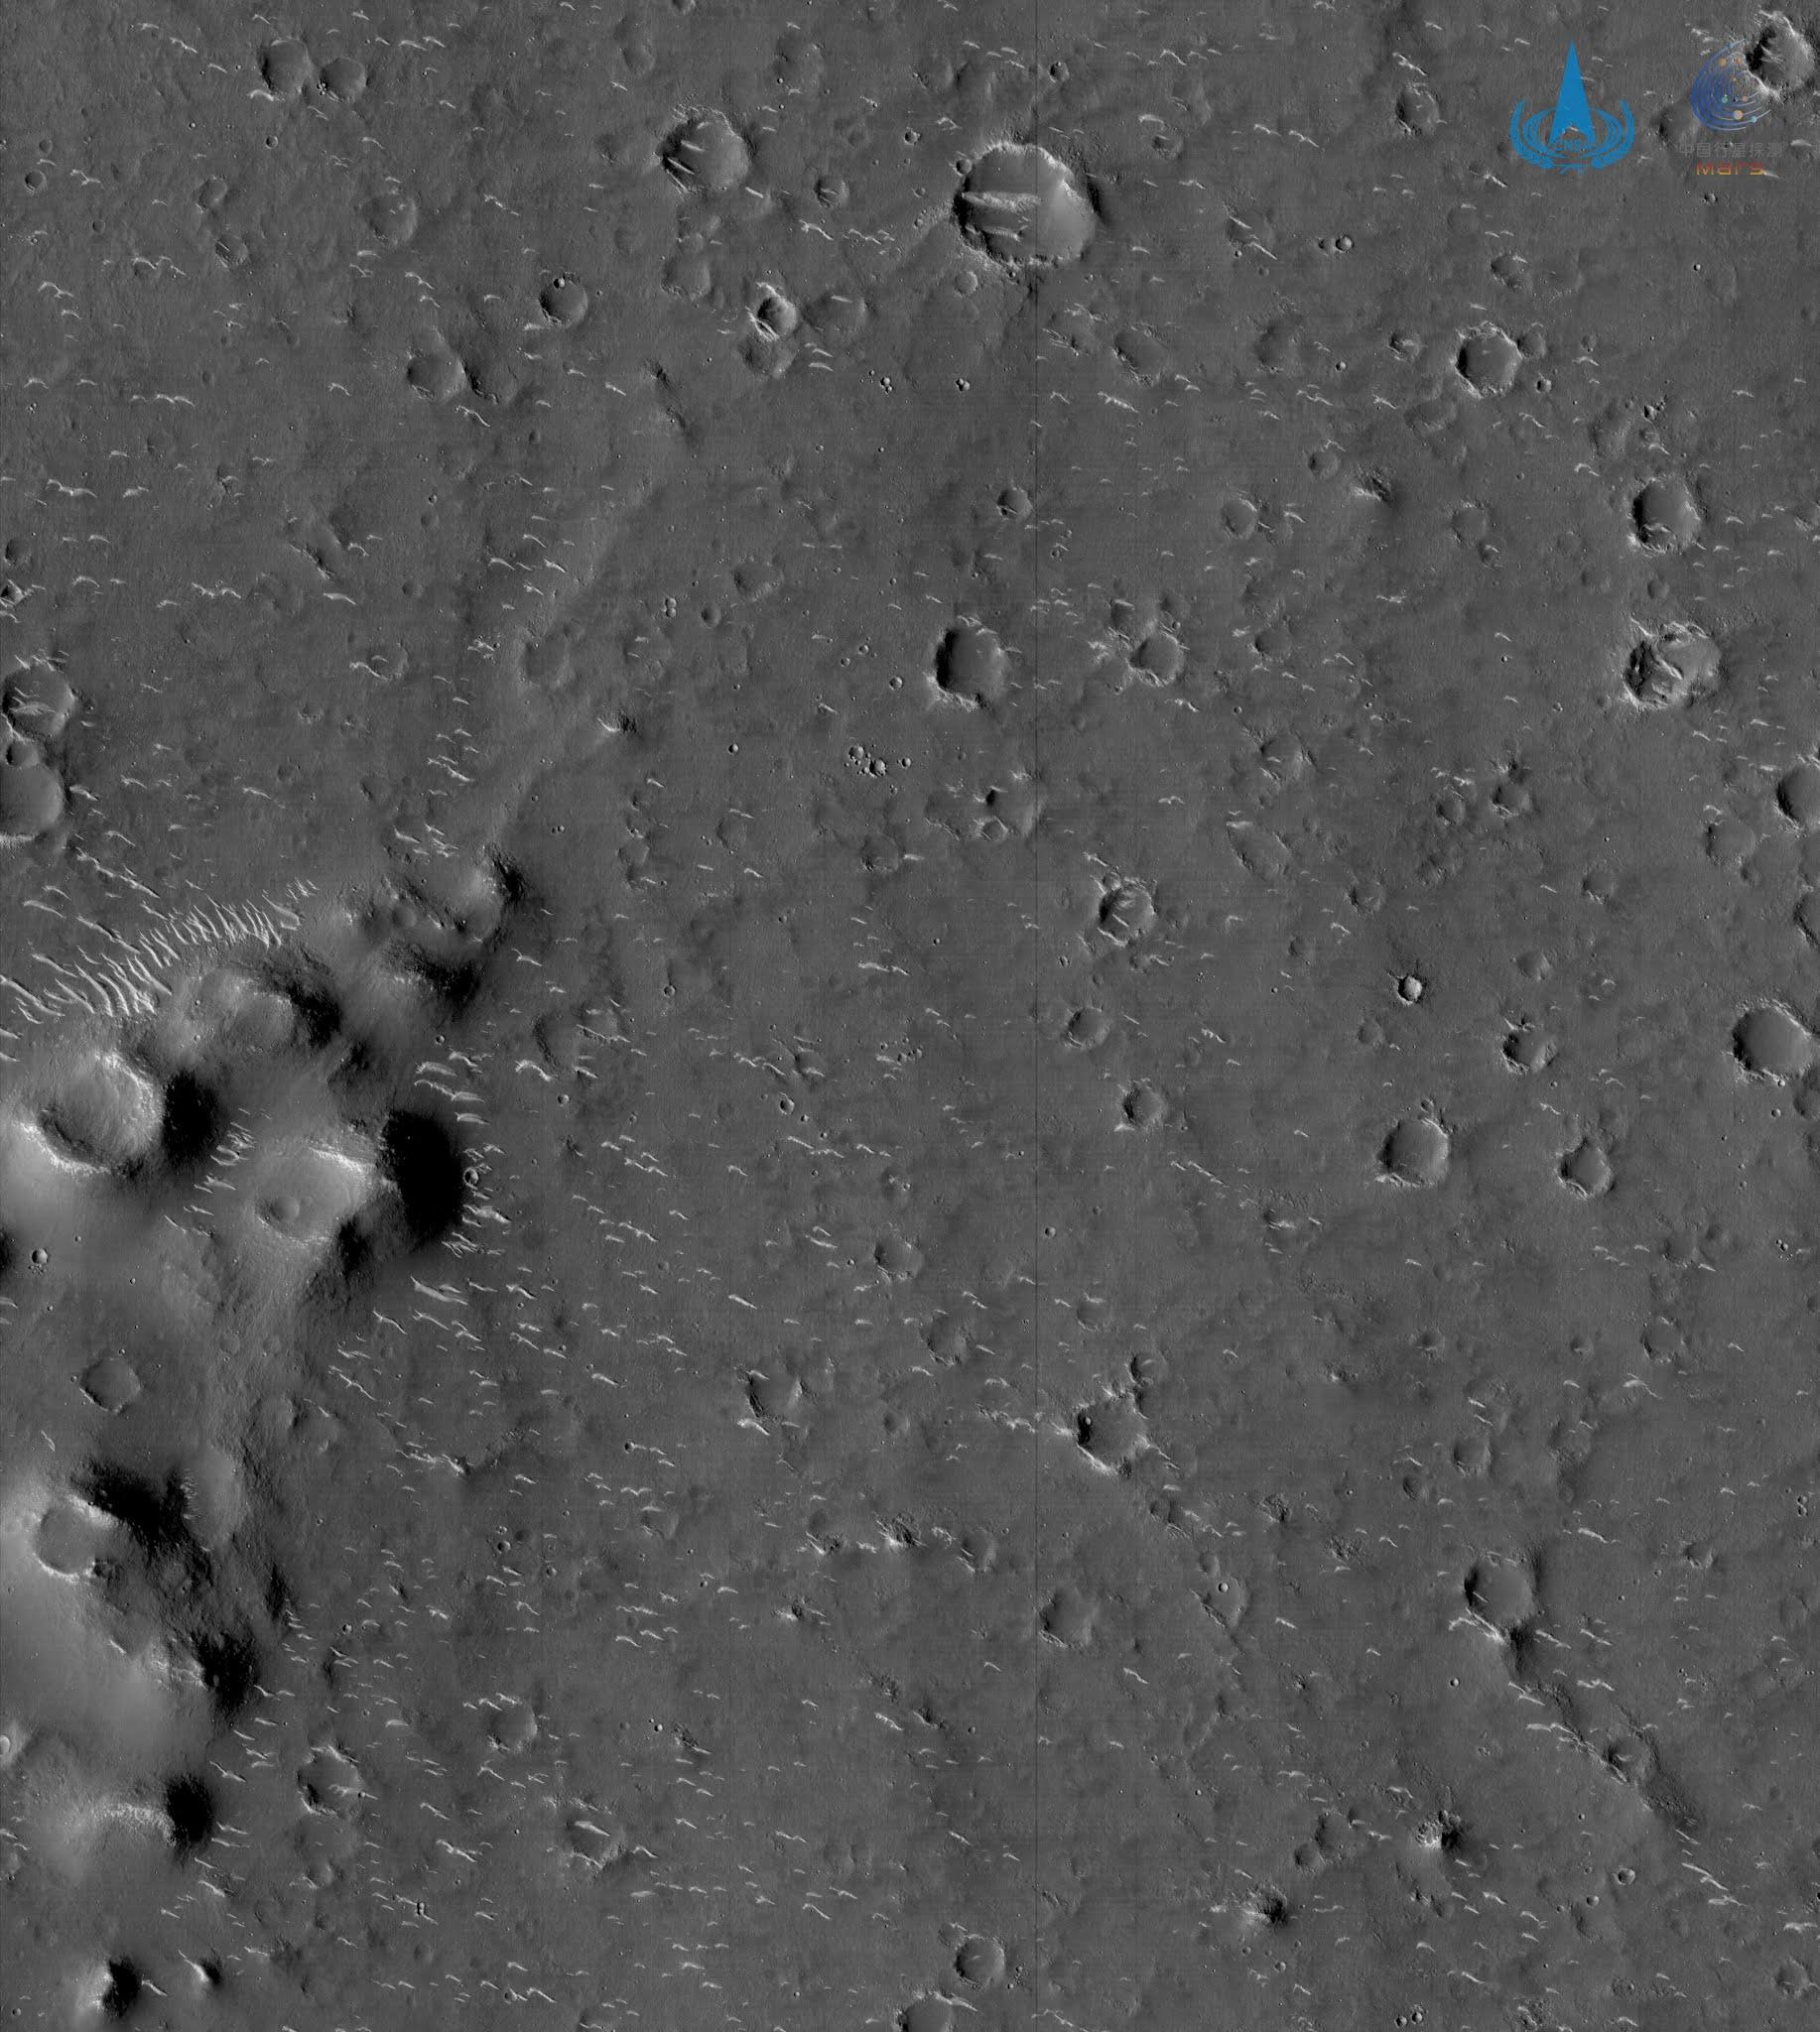 صور جديدة من كوكب المريخ.. المسبار الصيني Tianwen 1